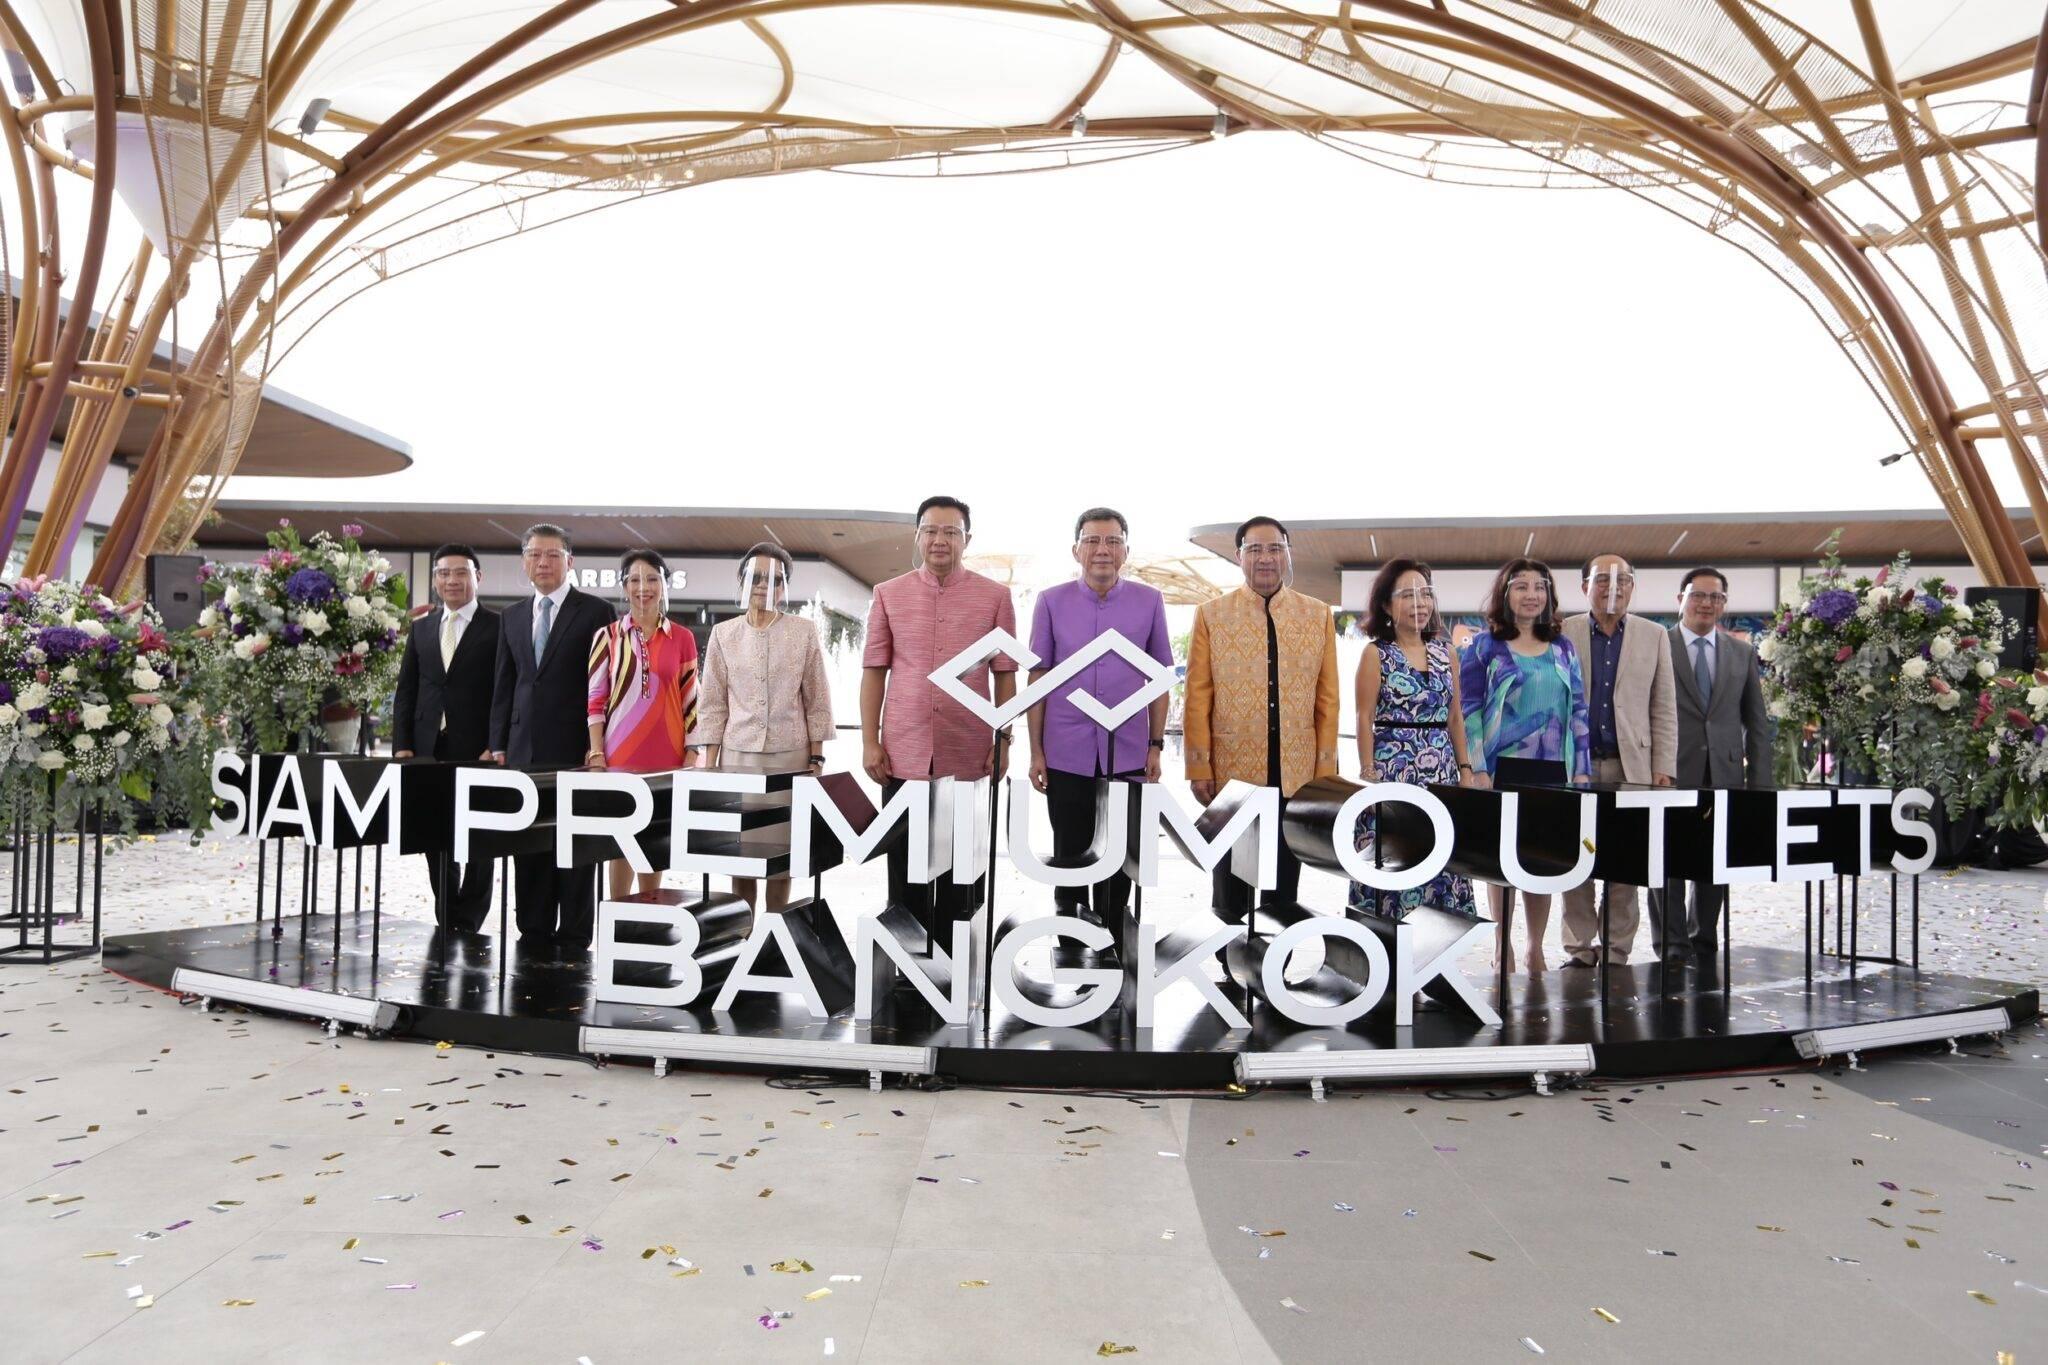 เปิดแล้ว มิติใหม่แห่งการช้อปปิ้งระดับโลก สยาม พรีเมี่ยม เอาท์เล็ต กรุงเทพ   Prop2Morrow บ้าน คอนโด ข่าวอสังหาฯ